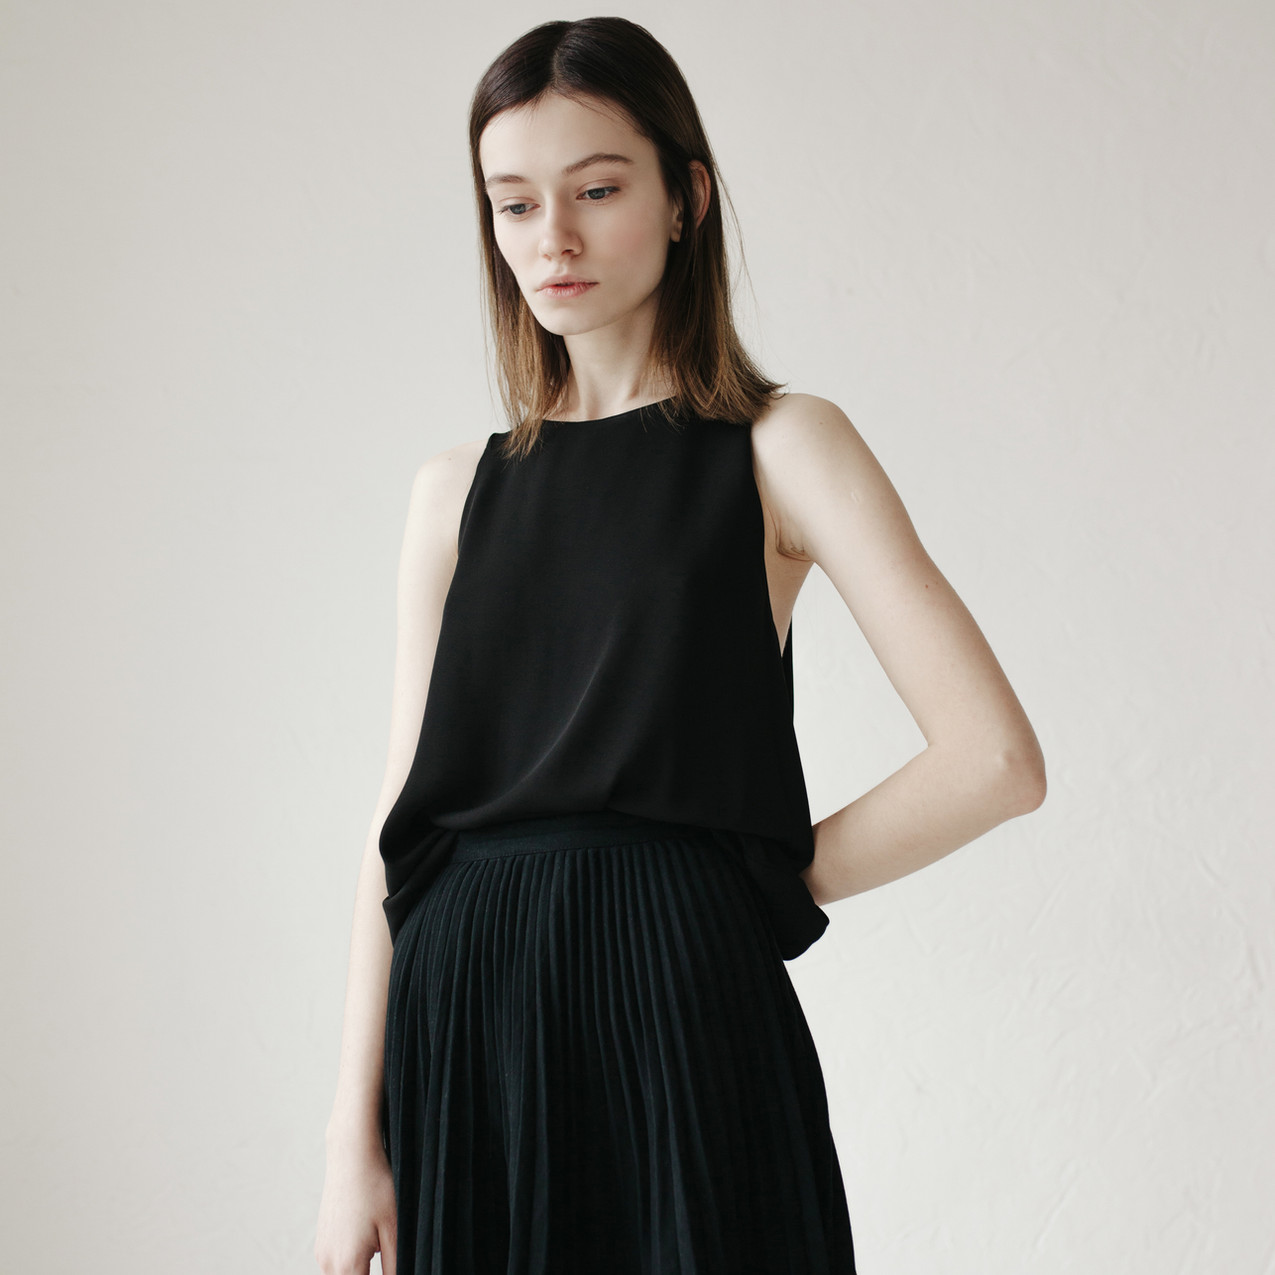 Model in Black